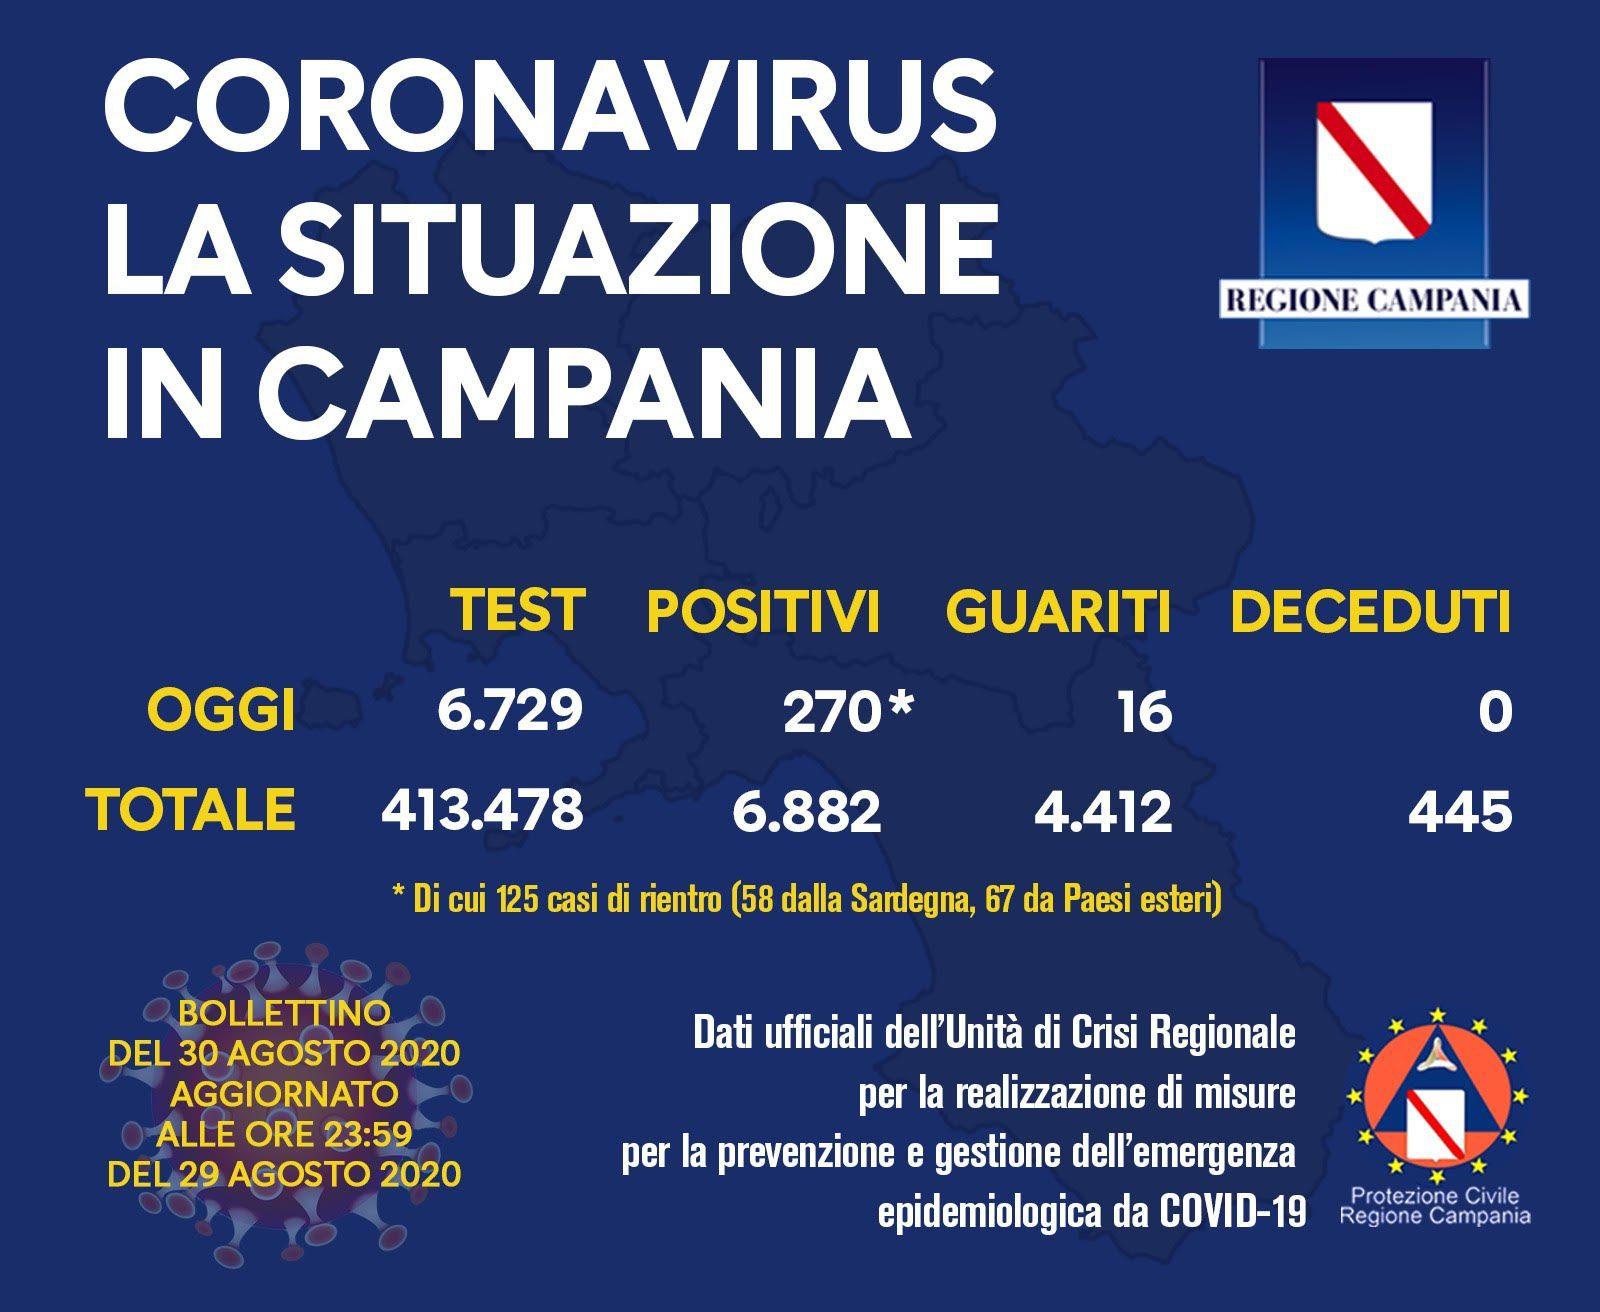 118621056 10158367512258257 2512033631253378701 o - Covid: Campania prima in Italia per incrementi giornalieri, il bollettino dell'unità di crisi del 30/8/20